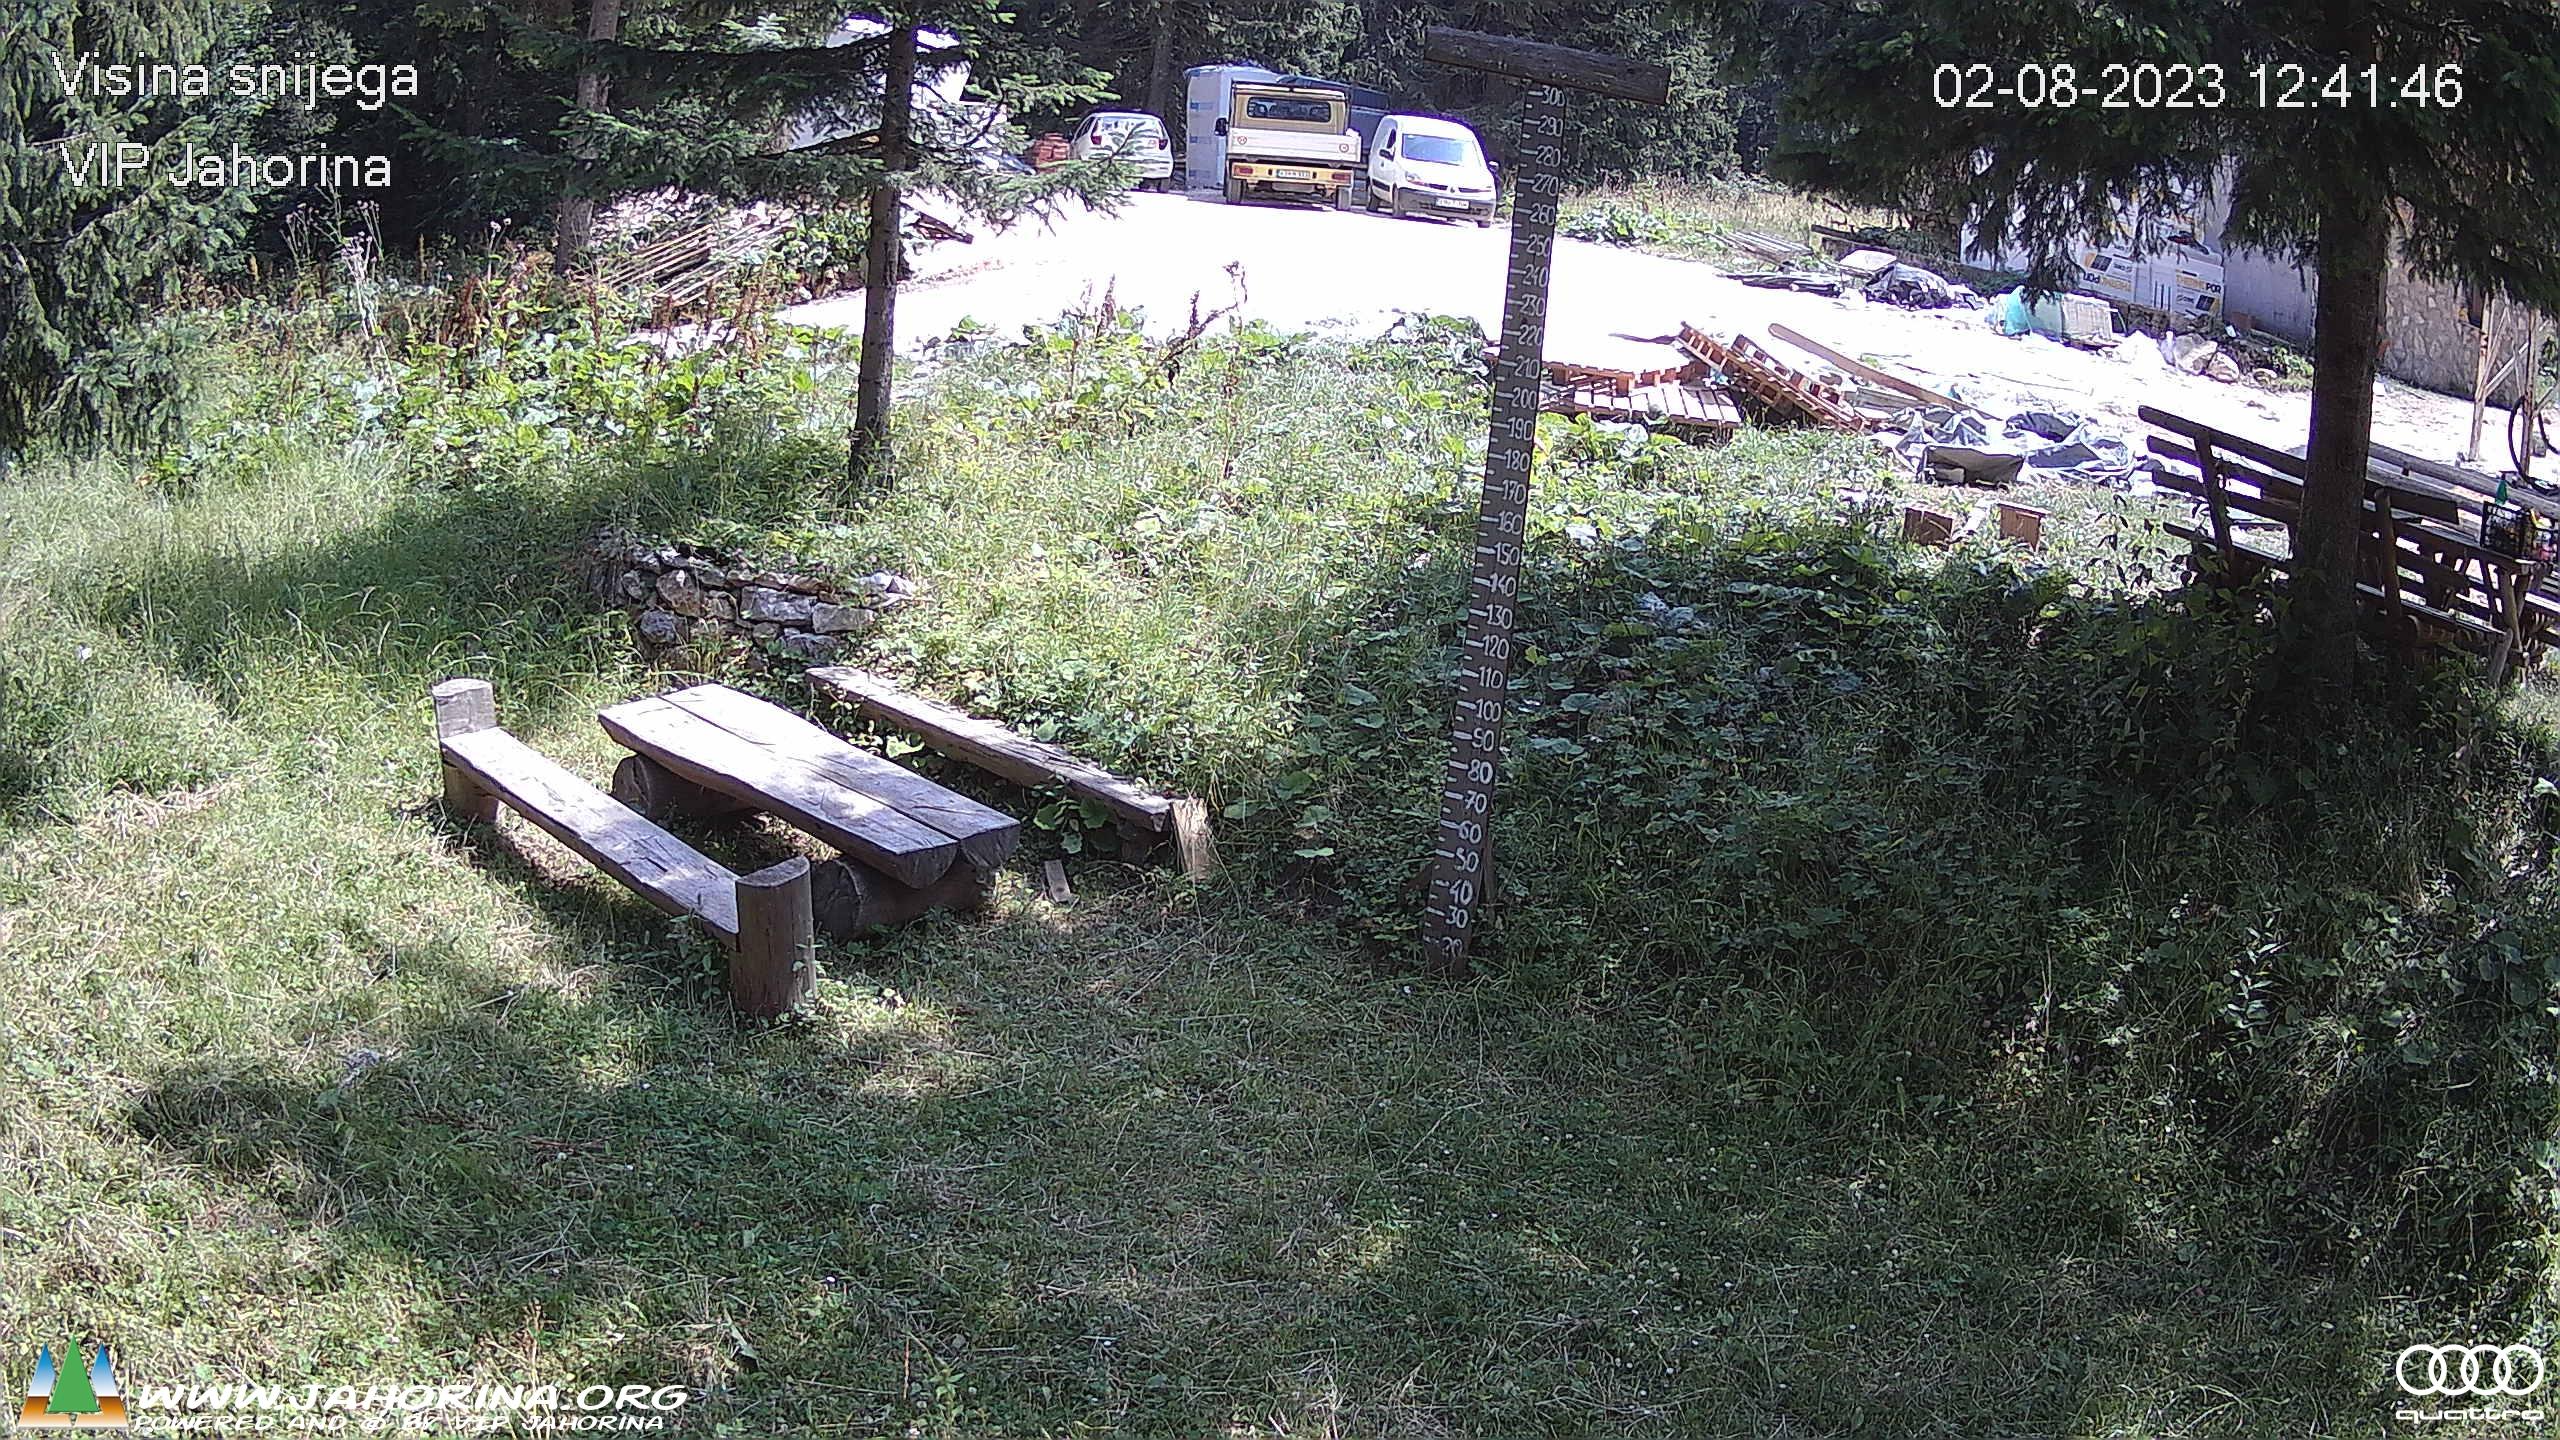 Webcam Jahorina visina snijega